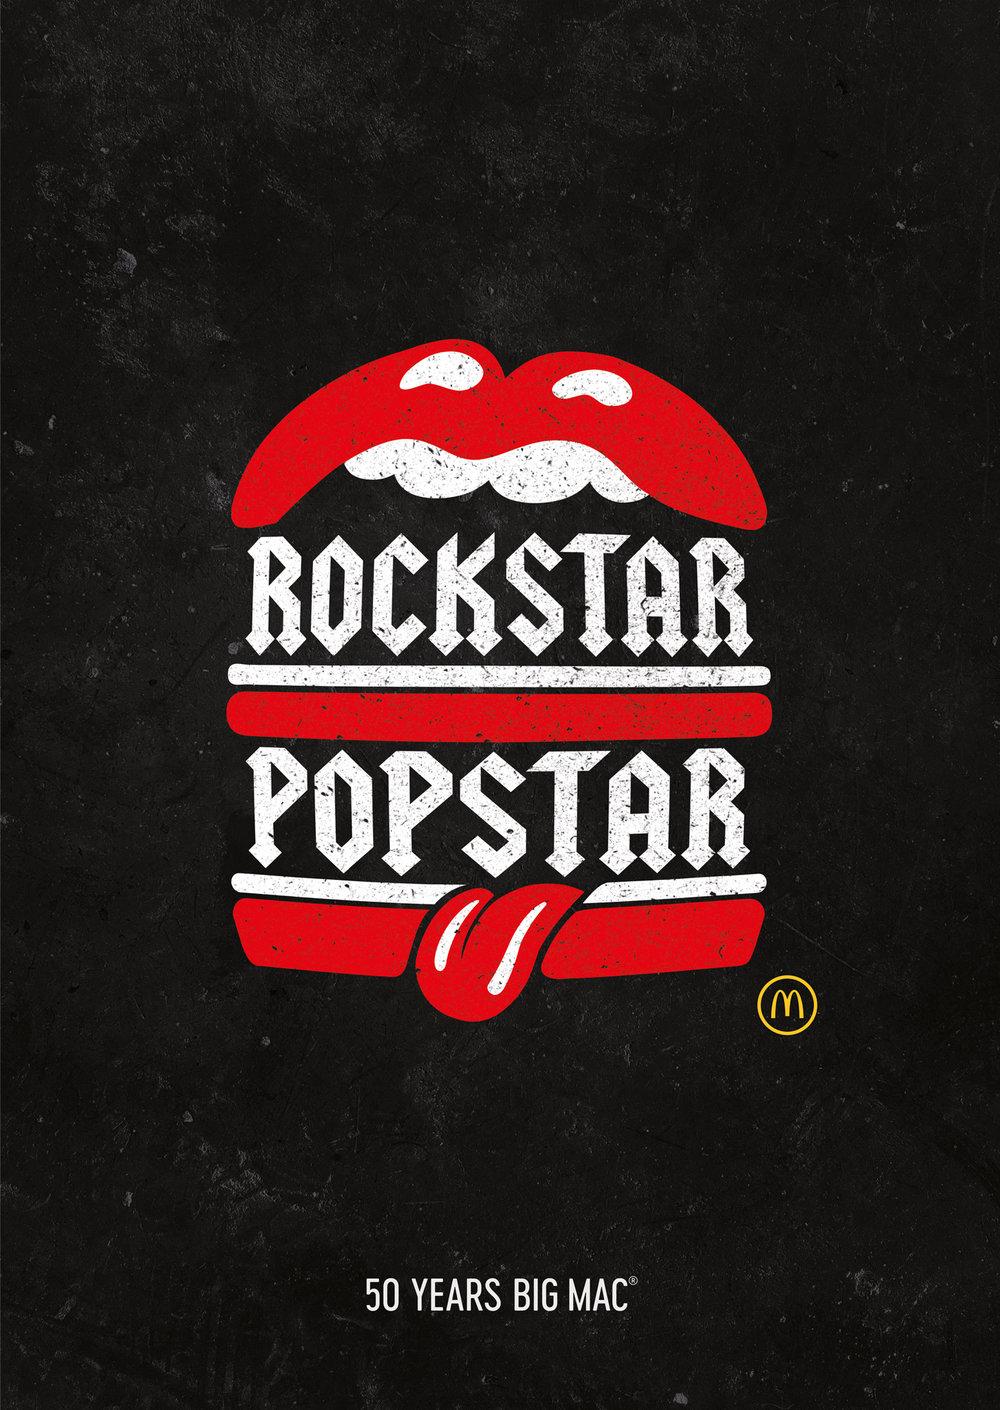 27_Rockstar_Popstar.jpg